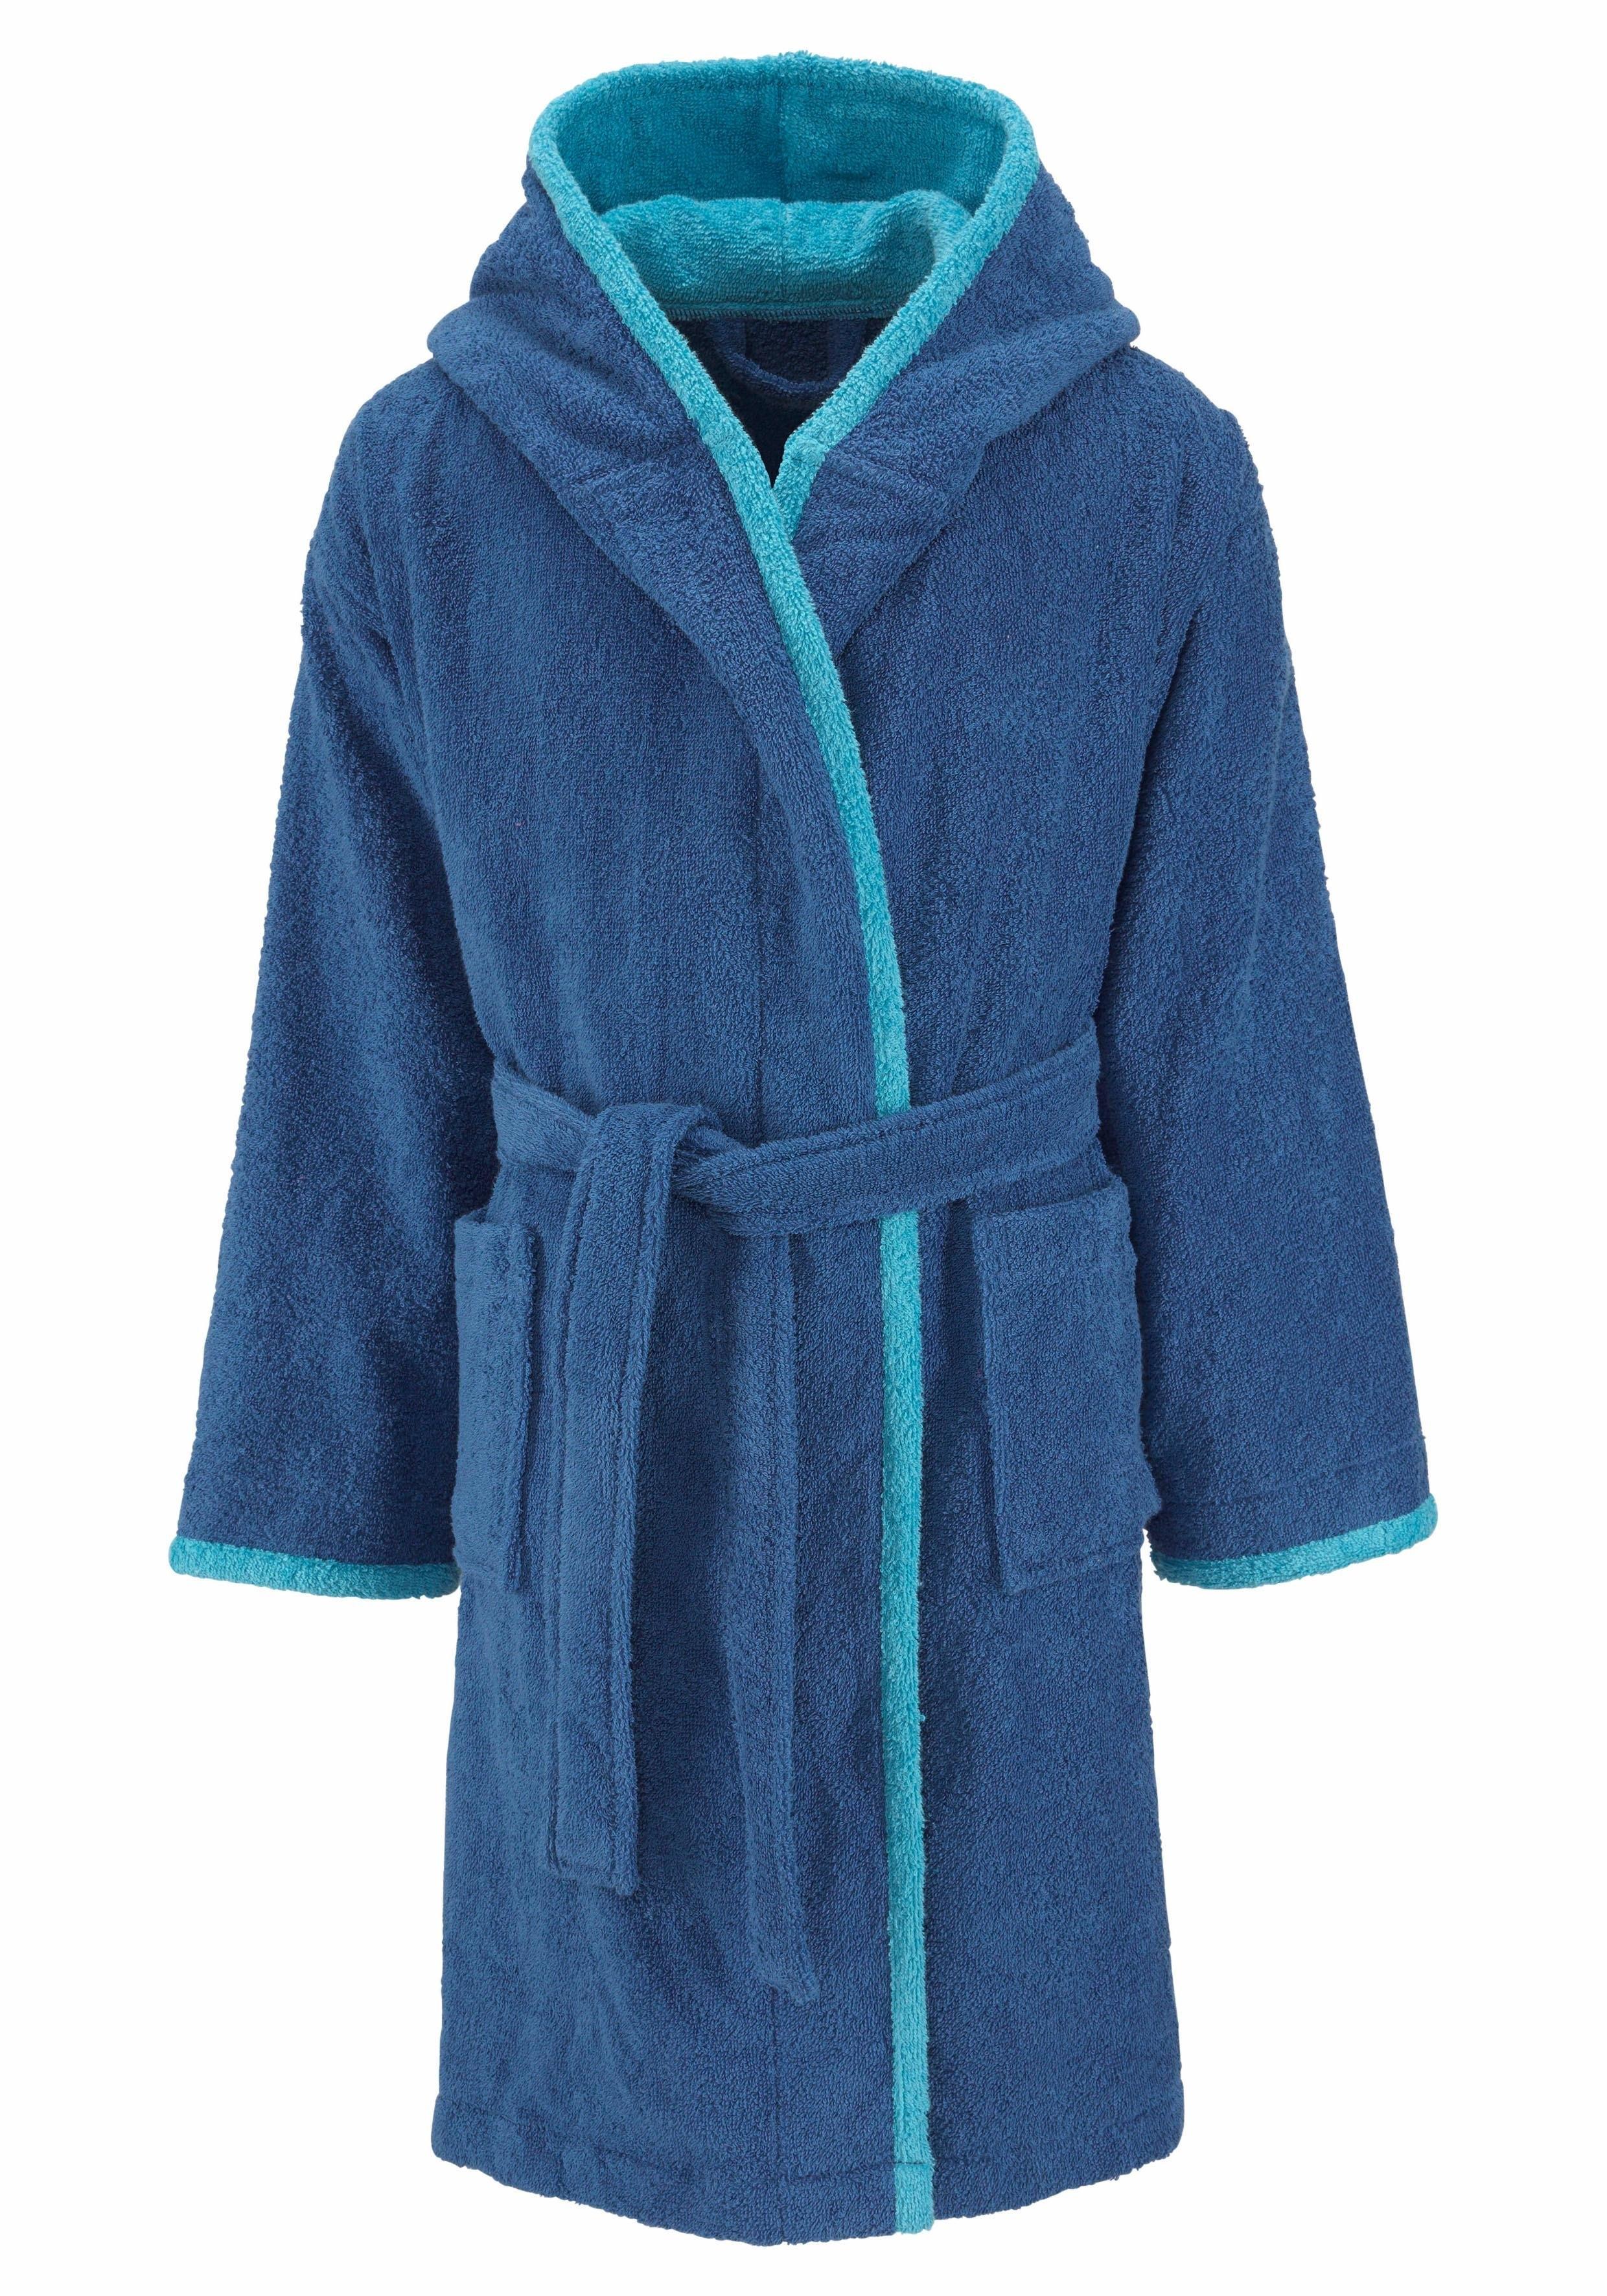 my home Kinderbadjas »Timo« voordelig en veilig online kopen